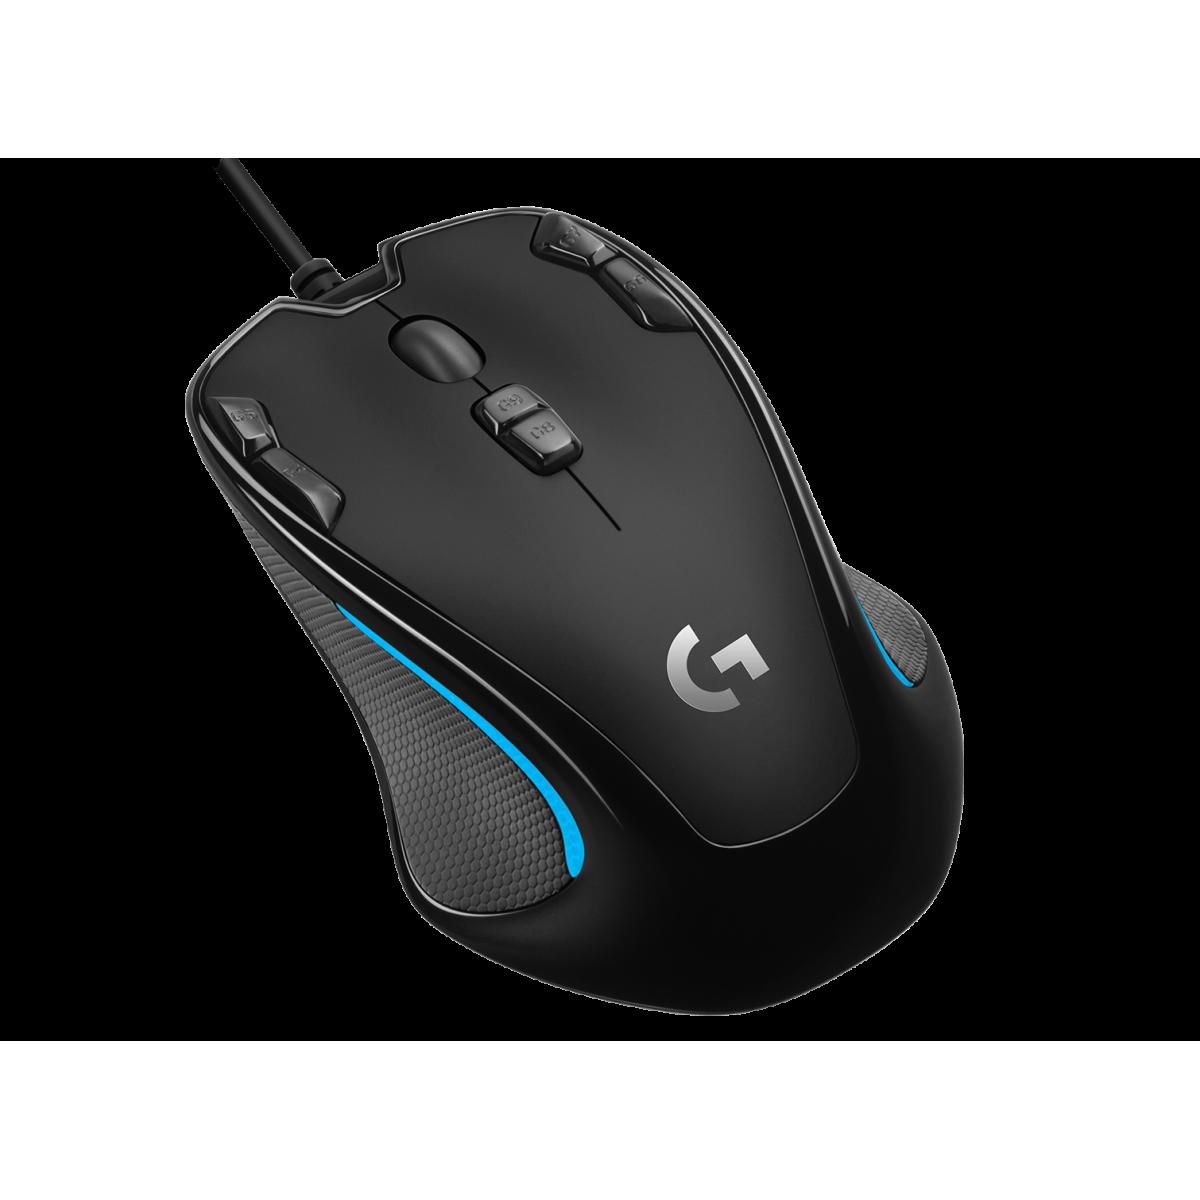 Mouse Gamer Logitech G300S, 9 Botões, 2500 DPI, Black